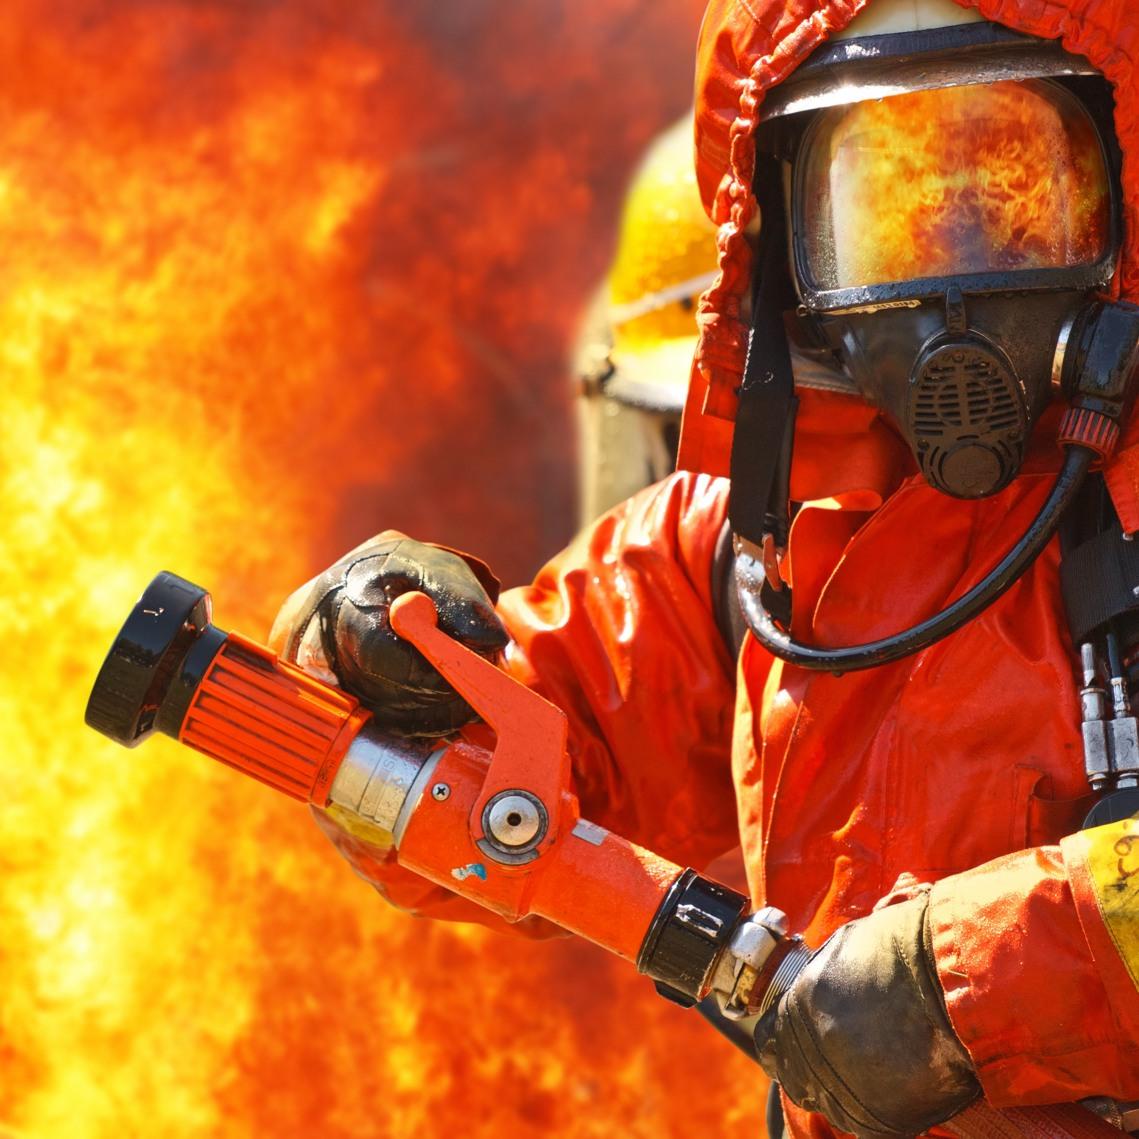 Клуб пожарных и спасателей Статьи по пожарной безопасности